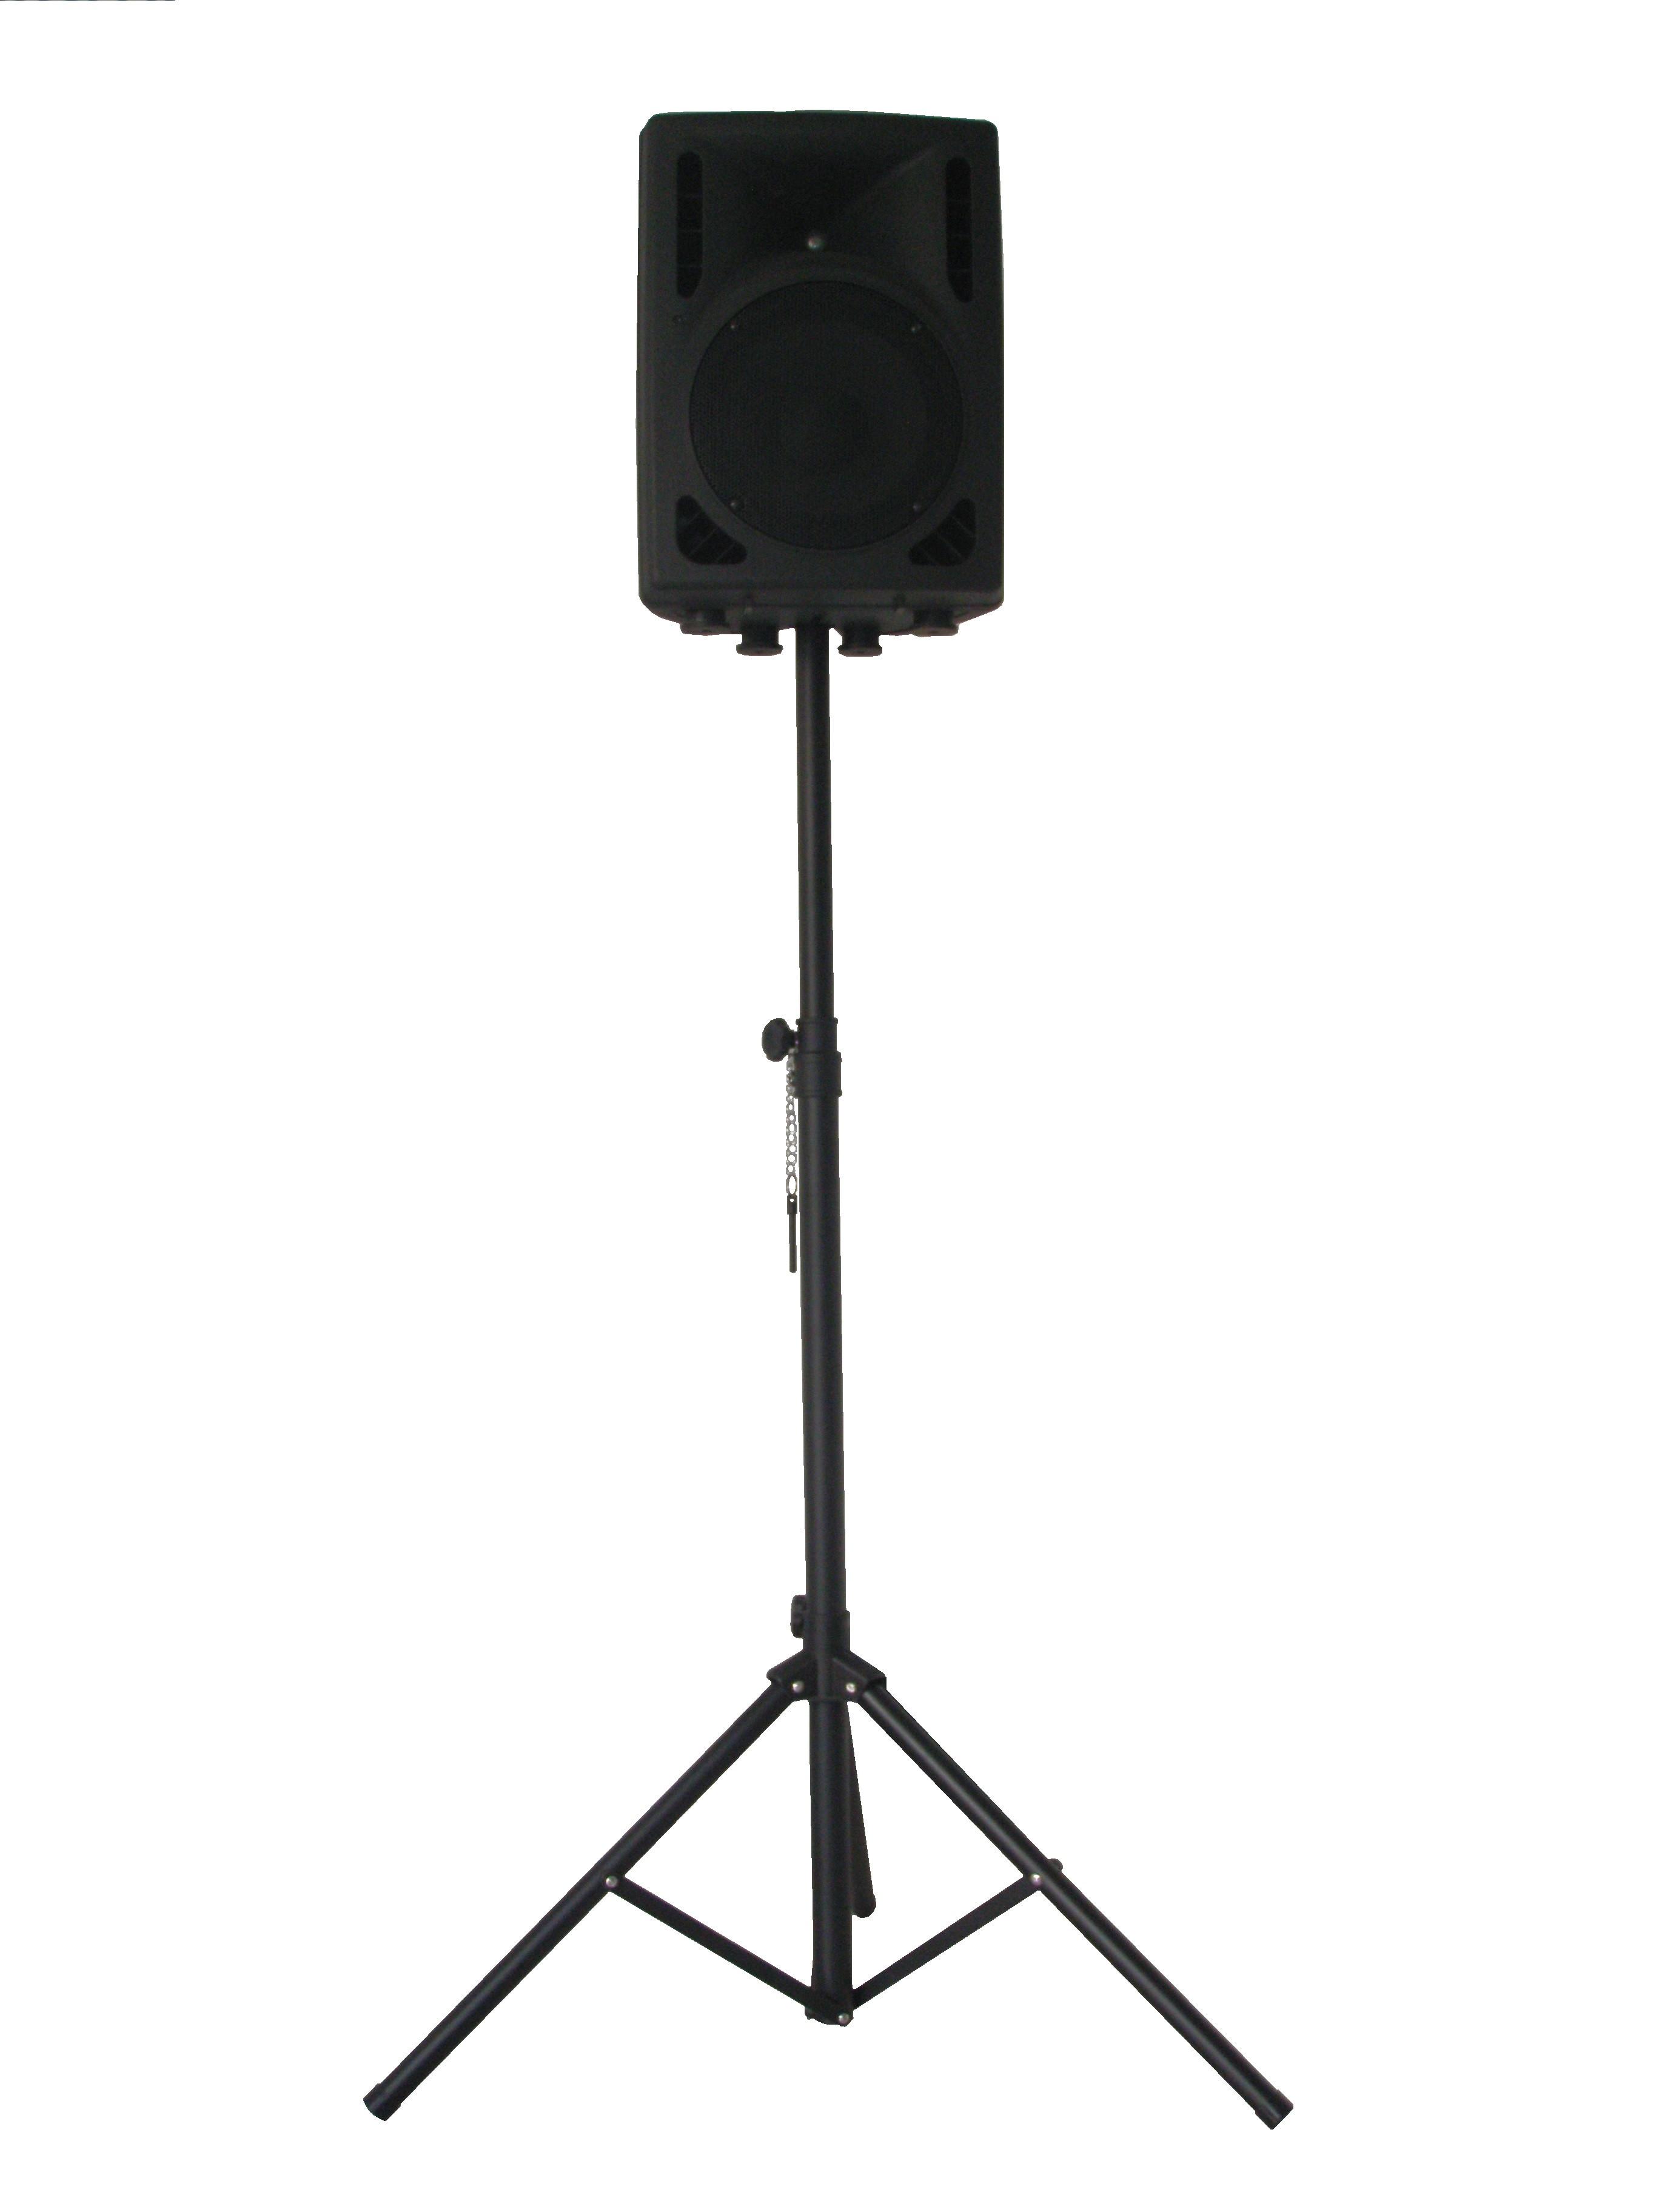 Tripe-para-caixa-acustica-caixa-de-som